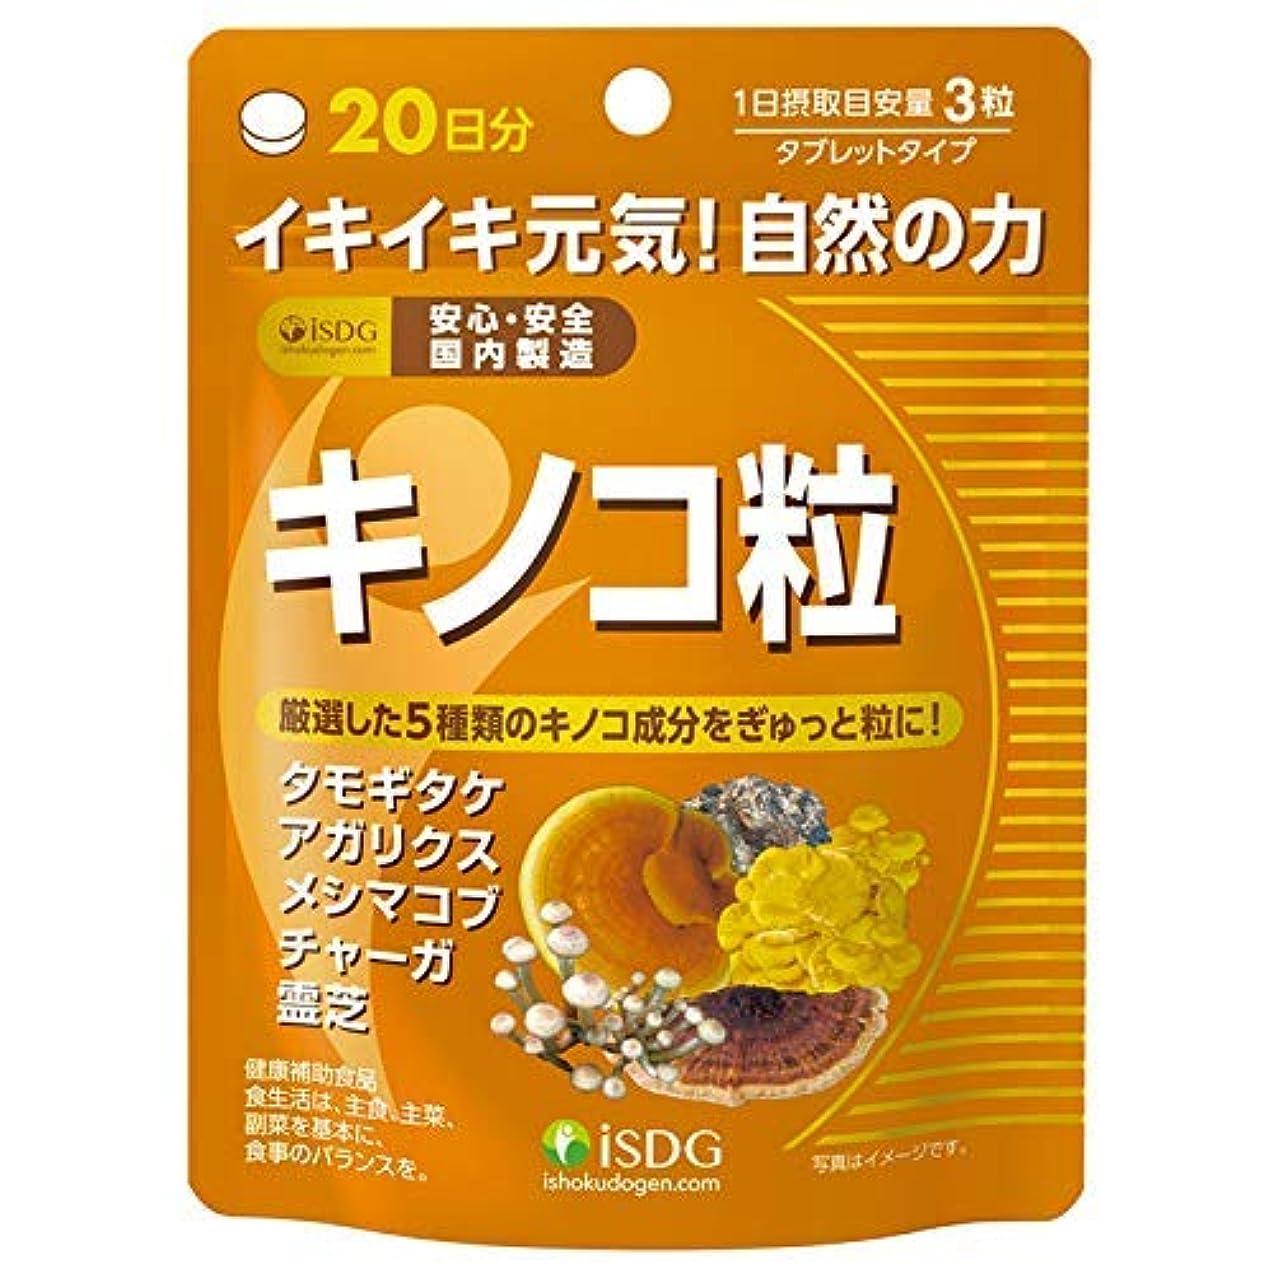 堀ほめる結核医食同源ドットコム ISDG 医食同源 キノコ 60粒×5個セット